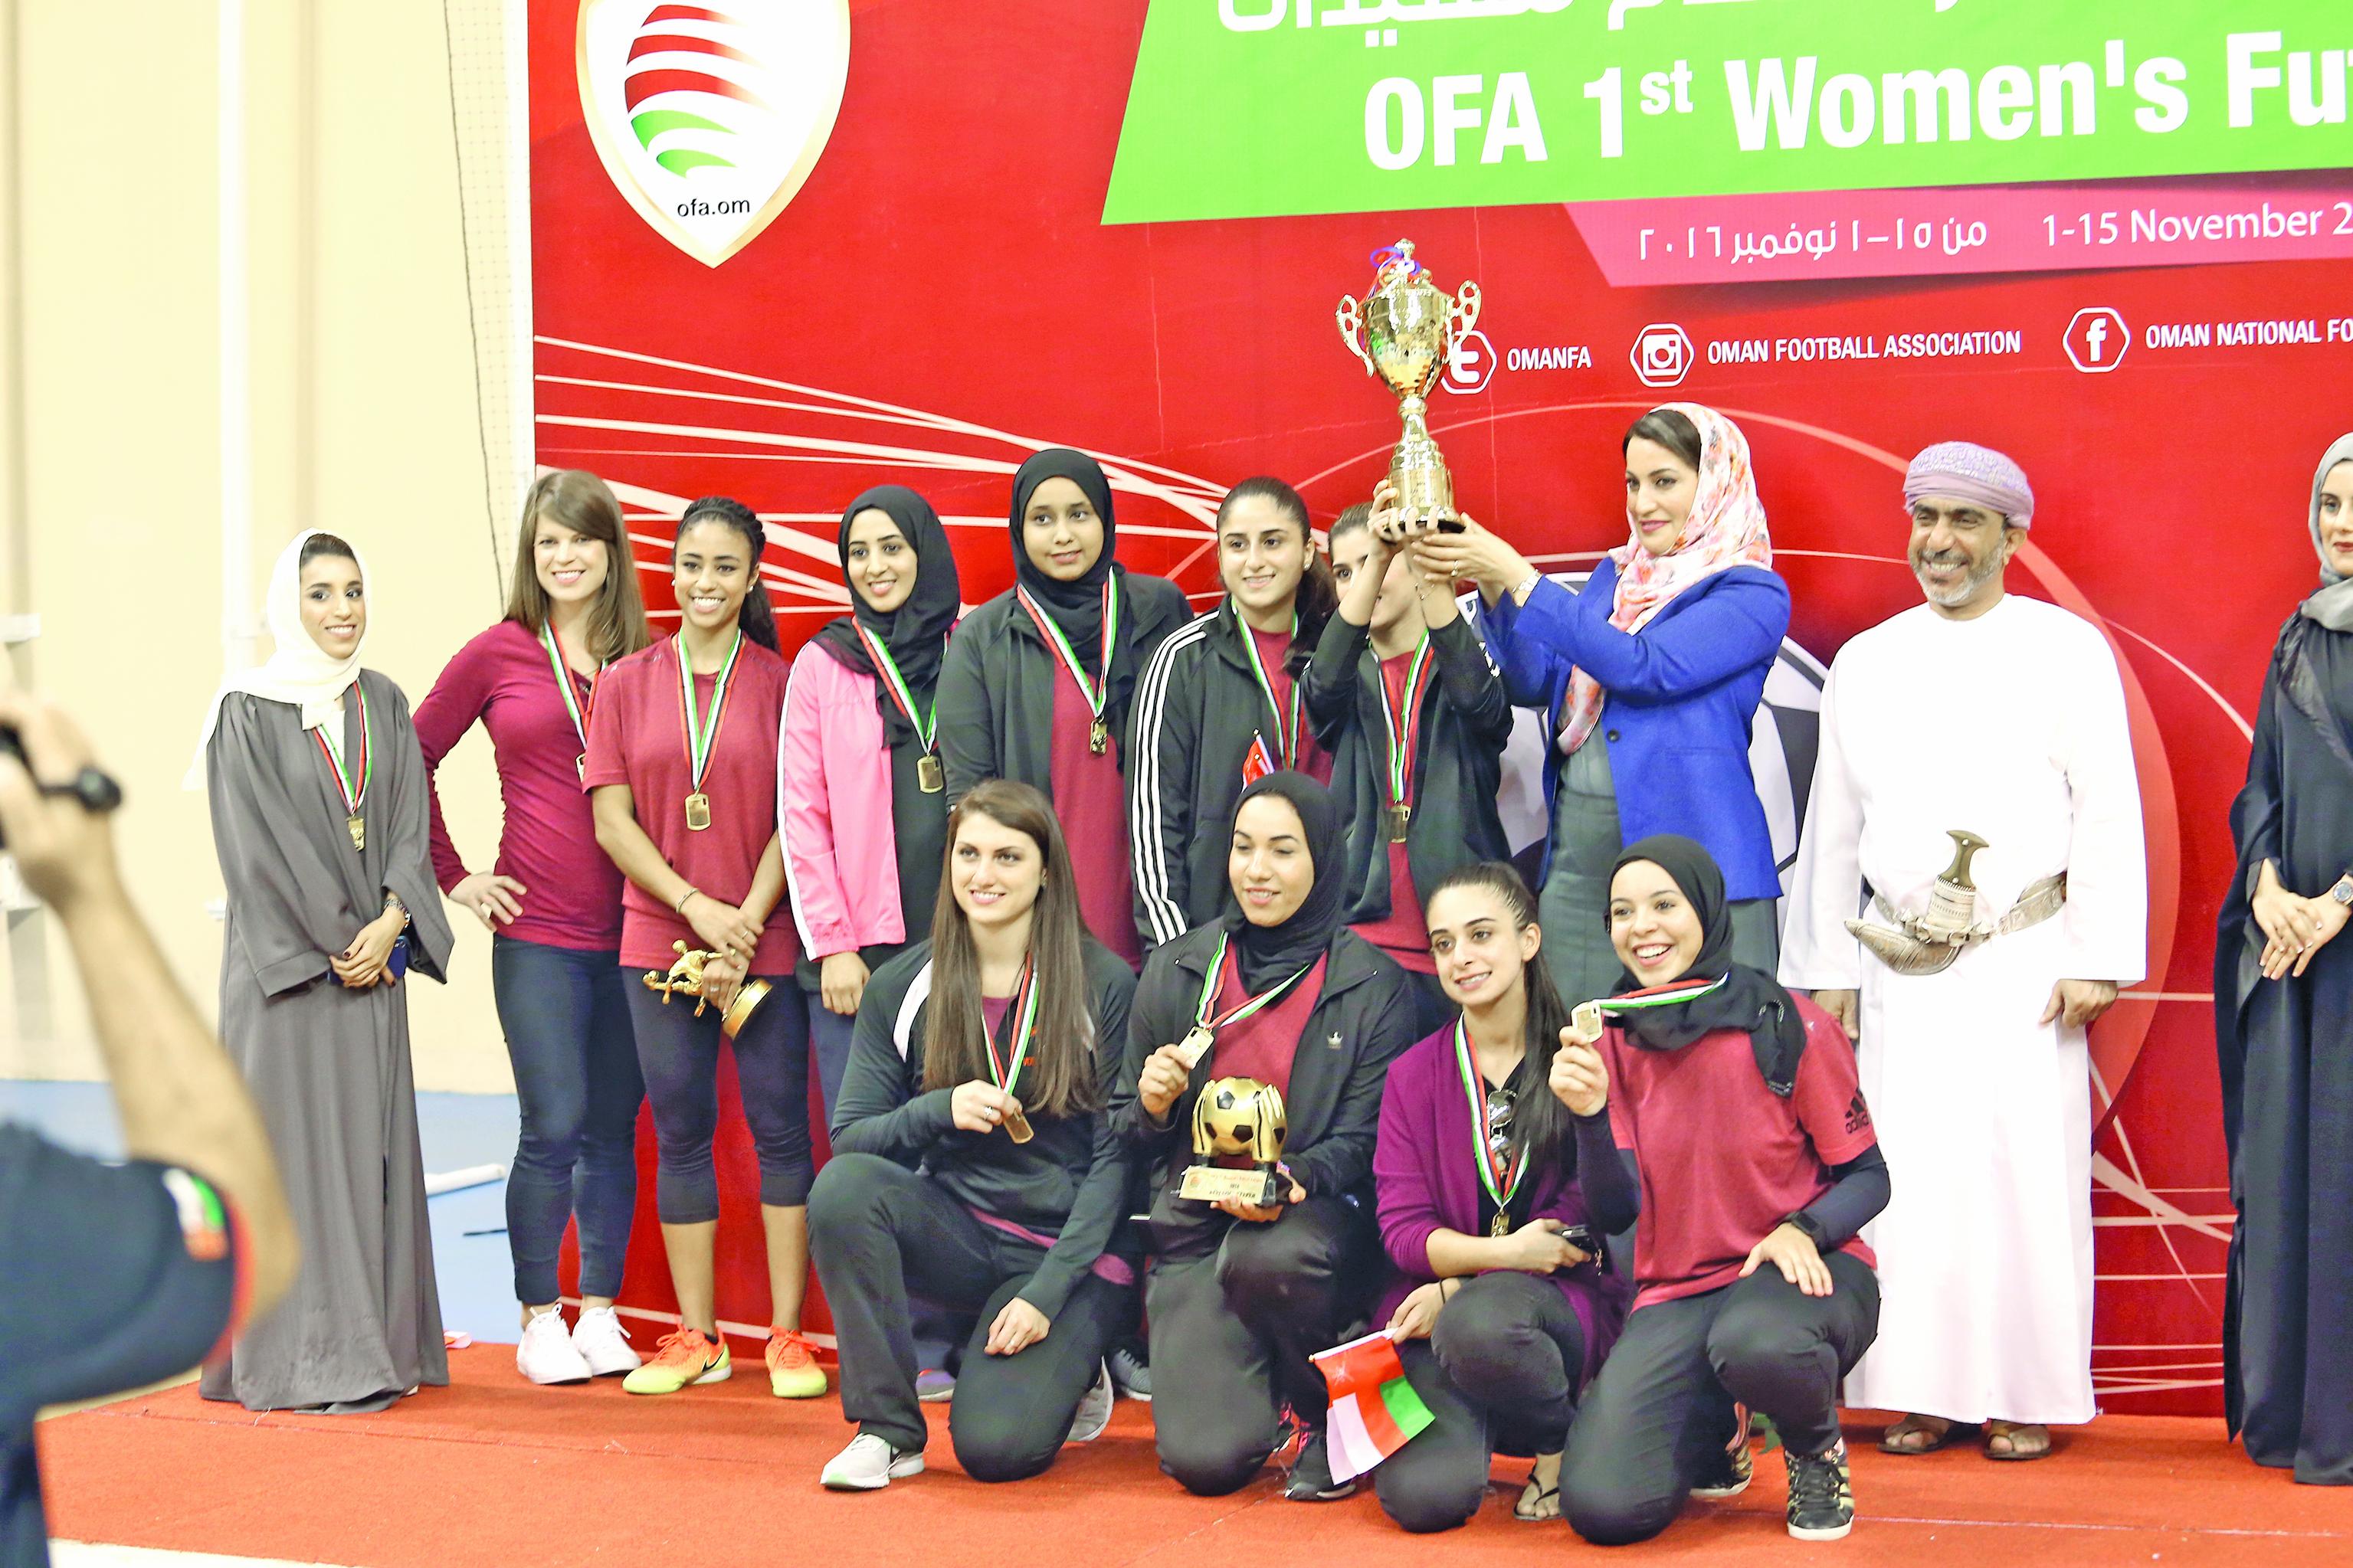 منى آل سعيد تتوج الاتفاق بلقب بطولة الصالات لكرة القدم للنساء